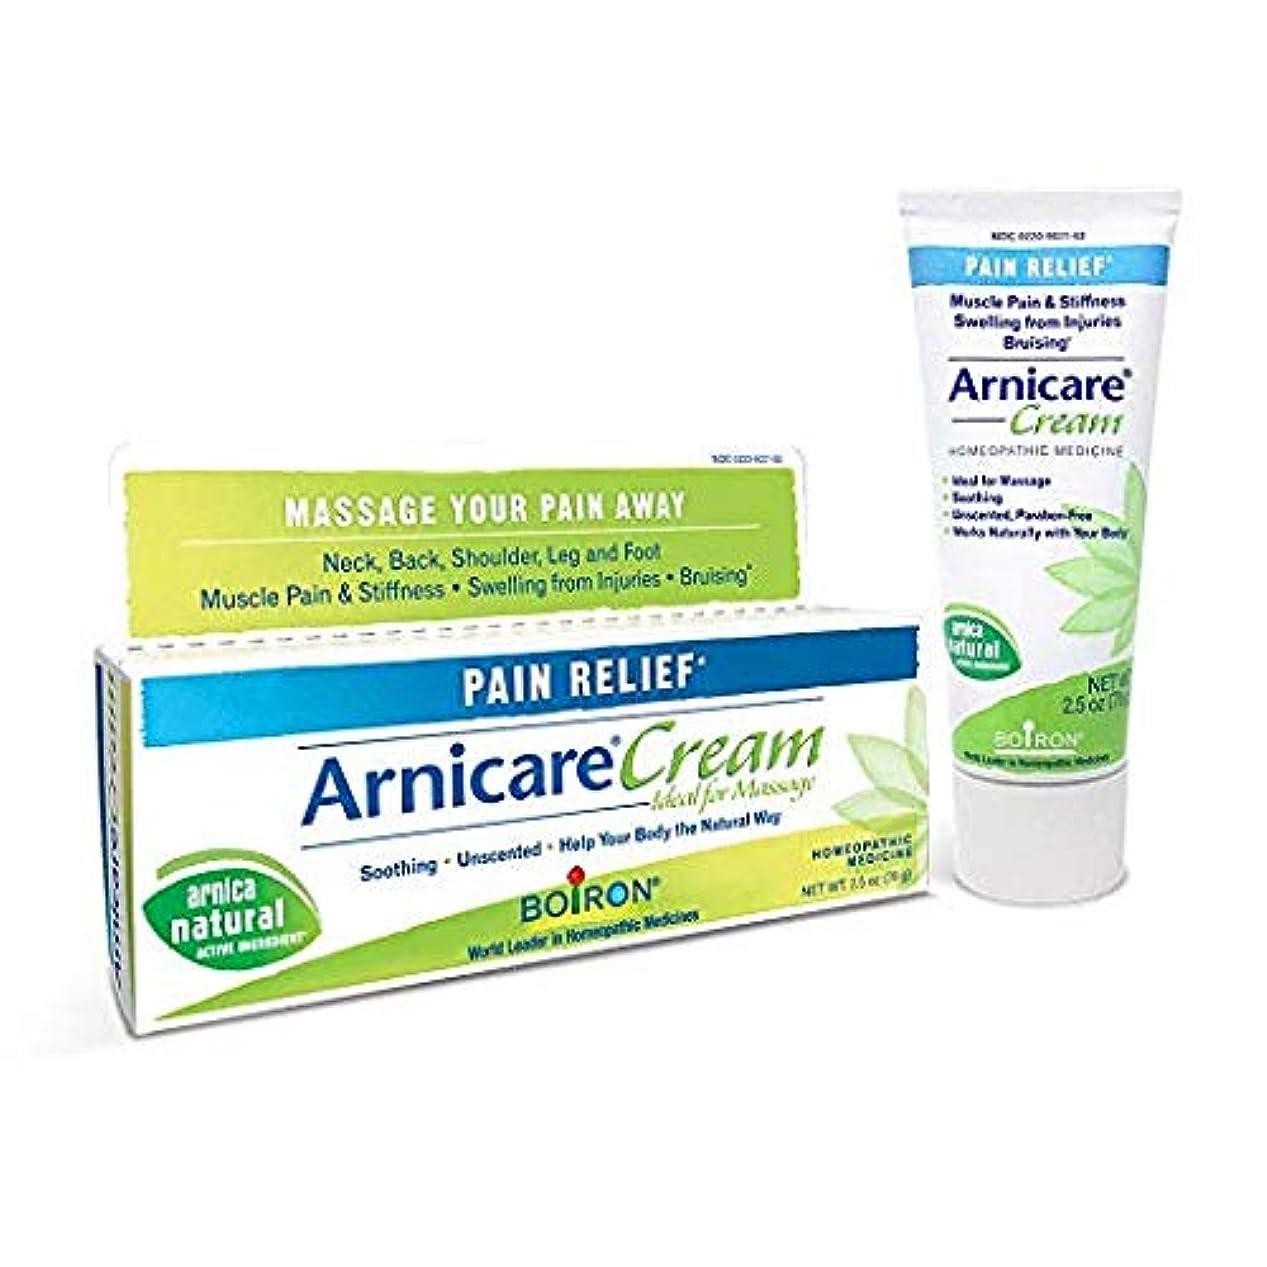 伝導率リットル逆説ボイロン アルニカクリーム Boiron Arnicare Cream 2.5 Ounces Topical Pain Relief Cream [並行輸入品]